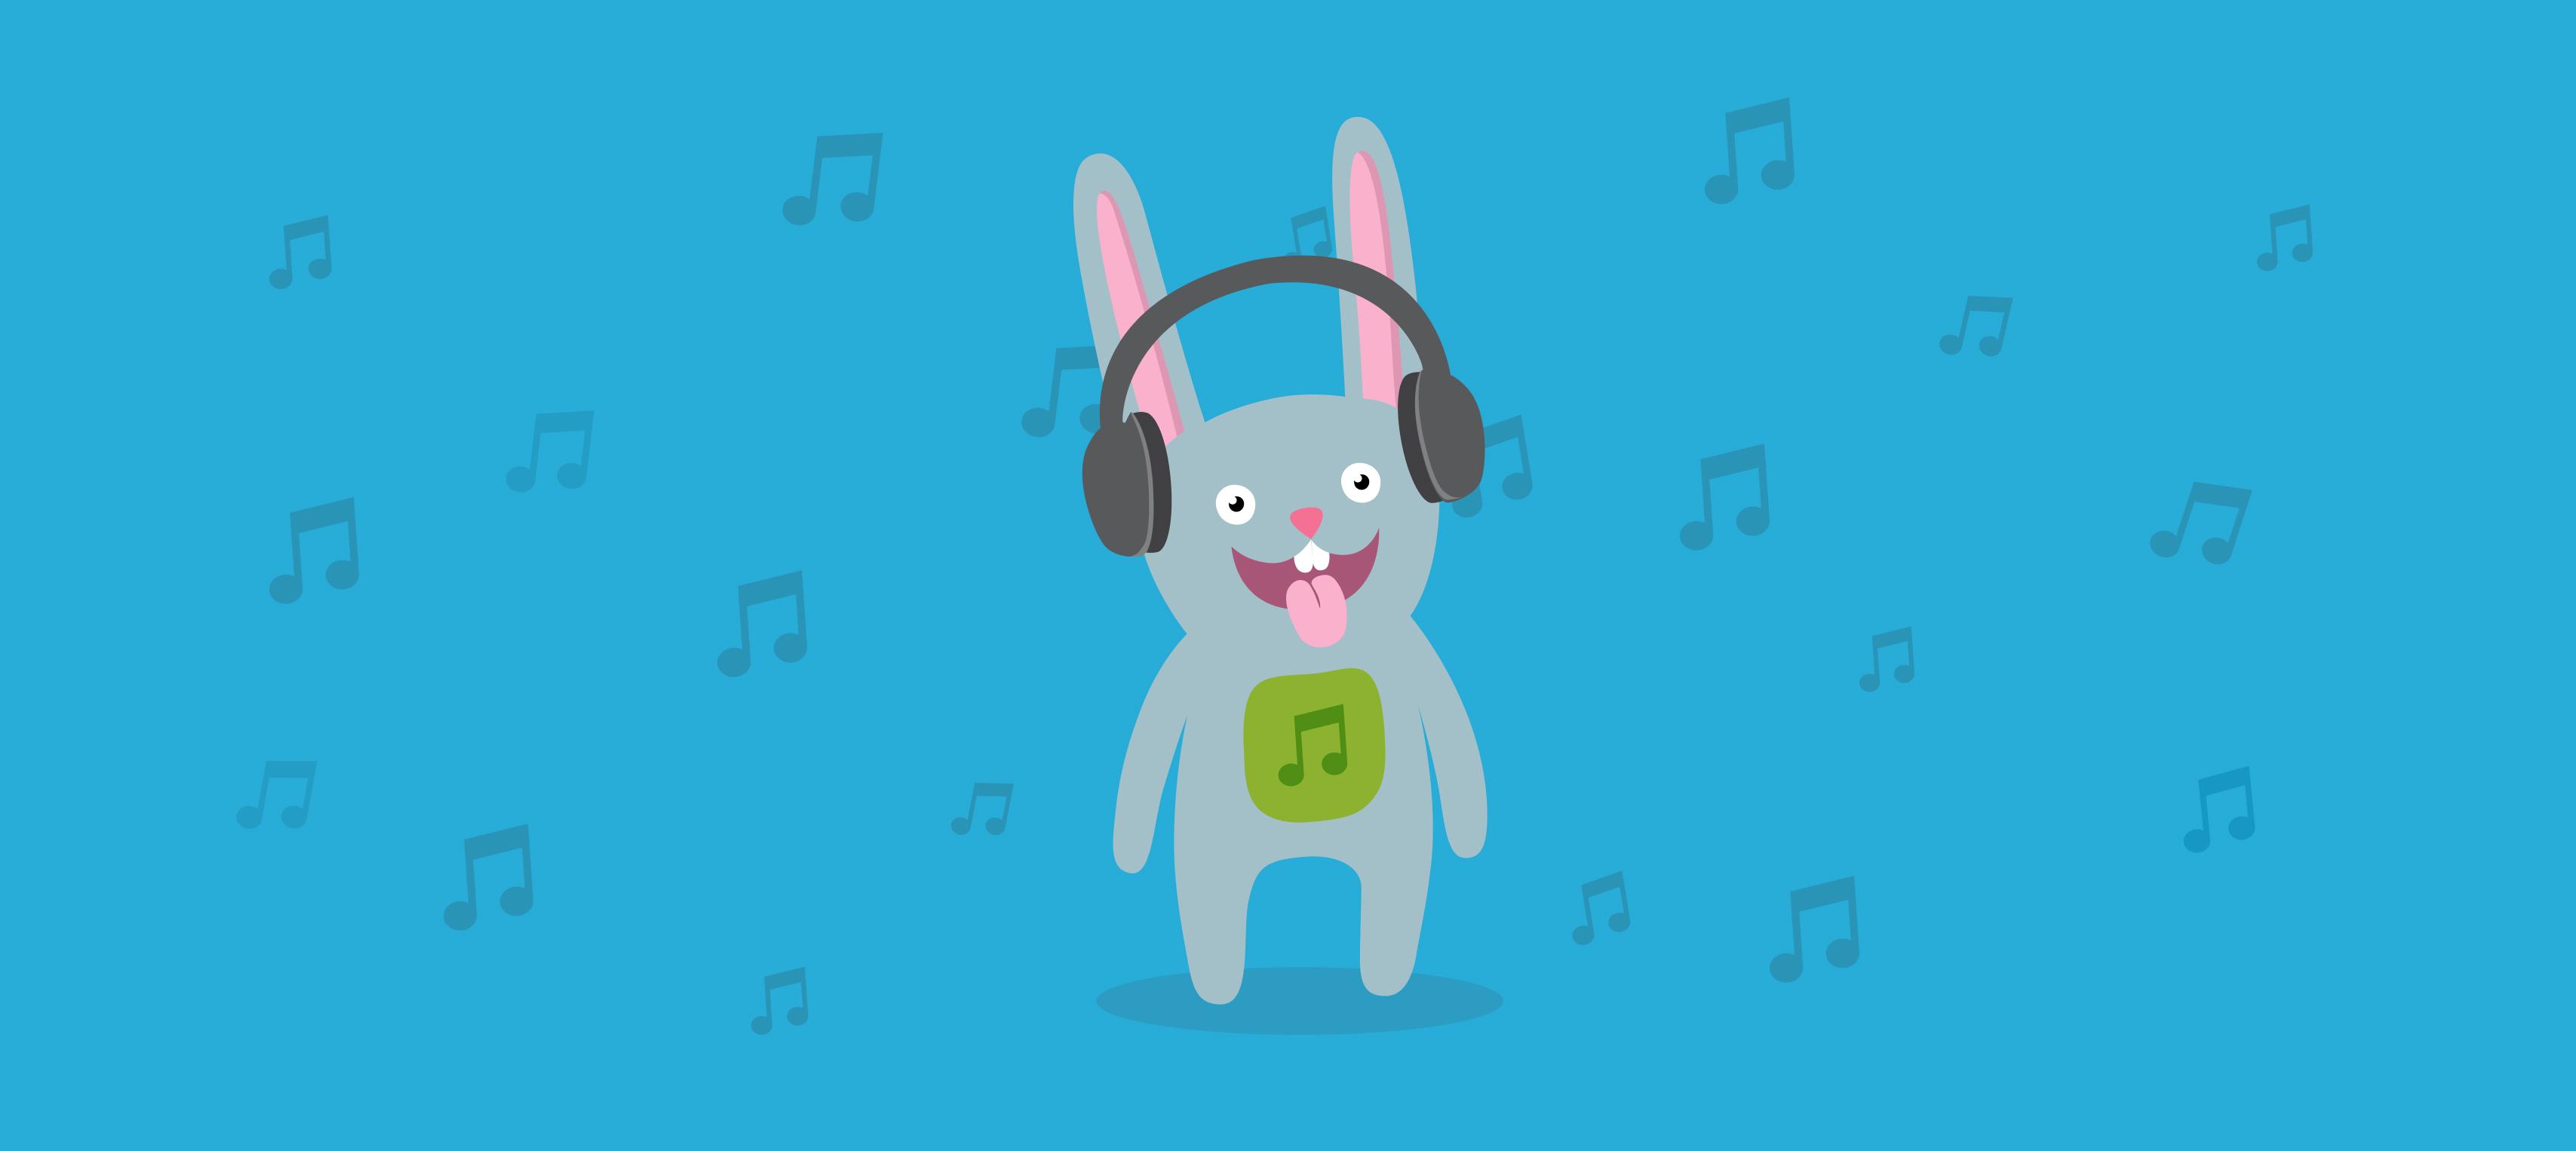 скачать музыку бесплатно без регистрации и смс тут зайцев нет